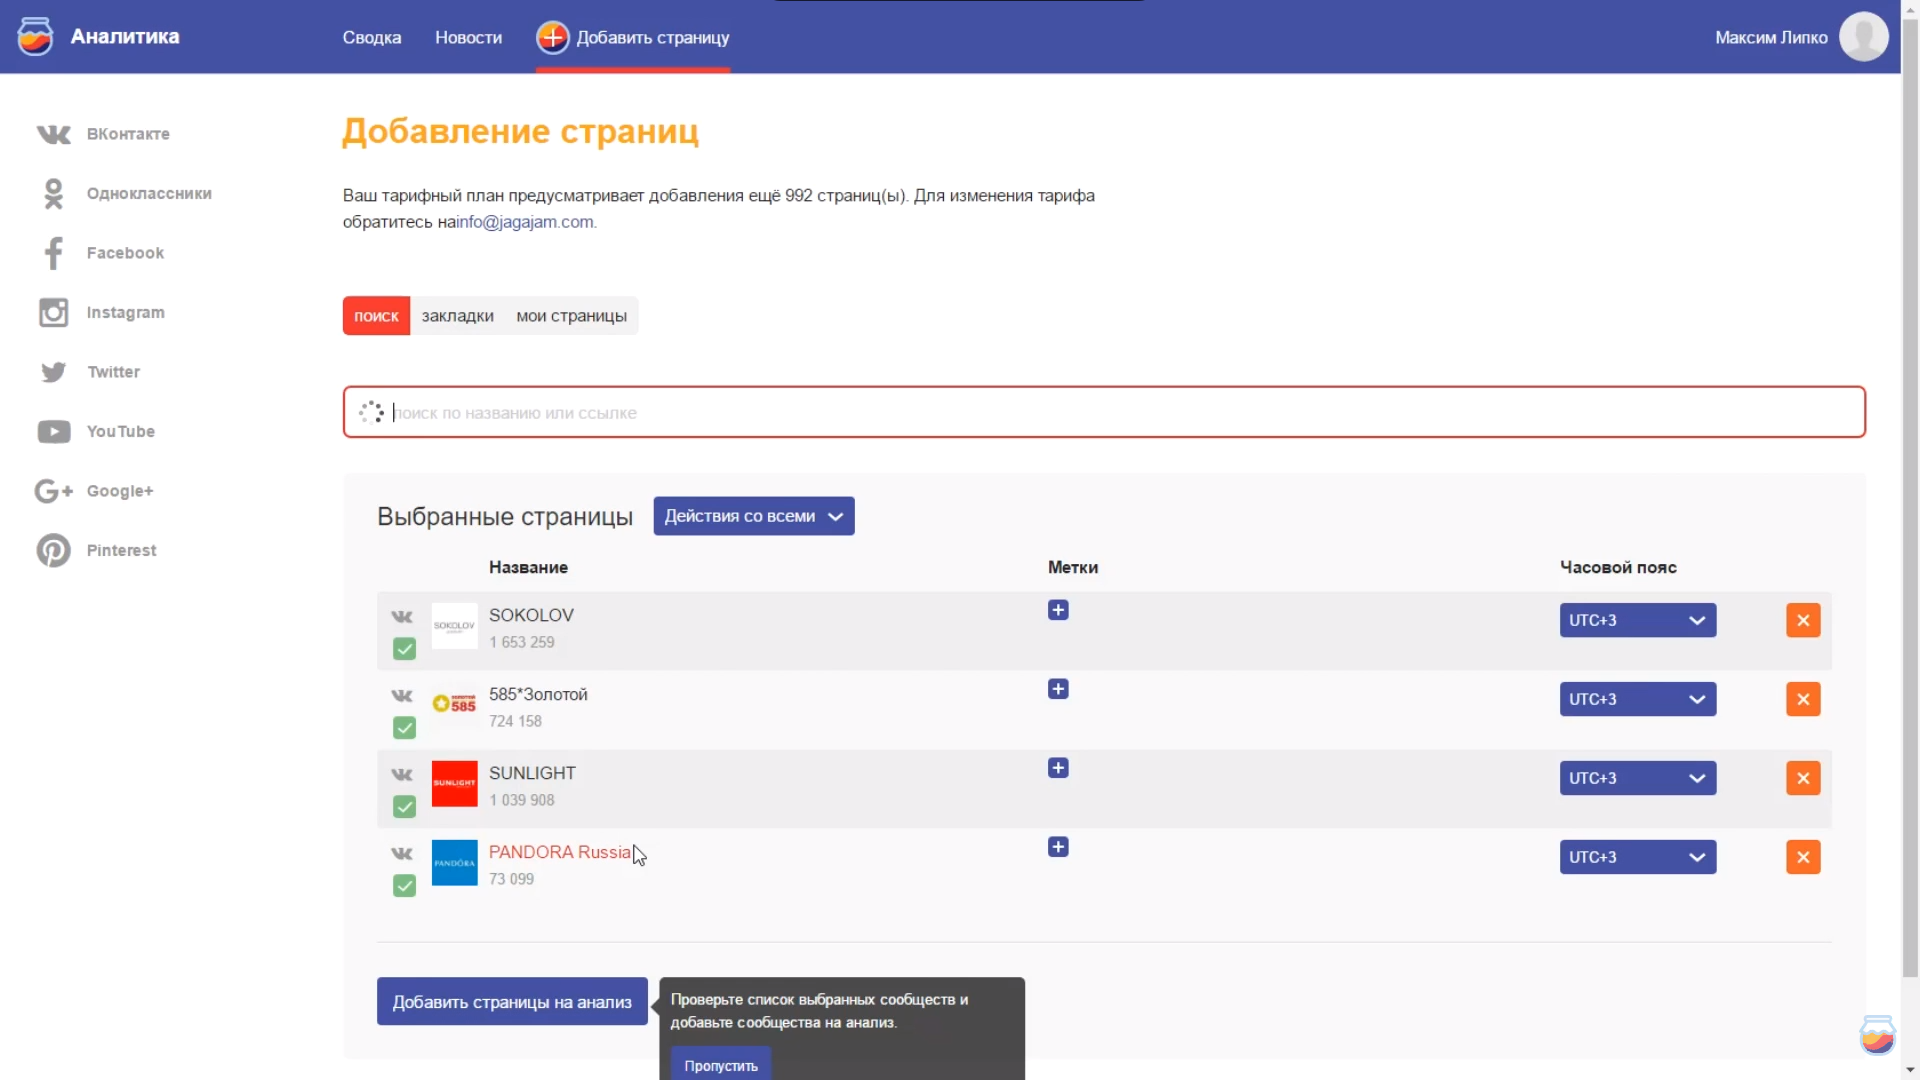 Добавление каналов, групп и страниц для медиа-мониторинга в системе анализа соцмедиа JagaJam